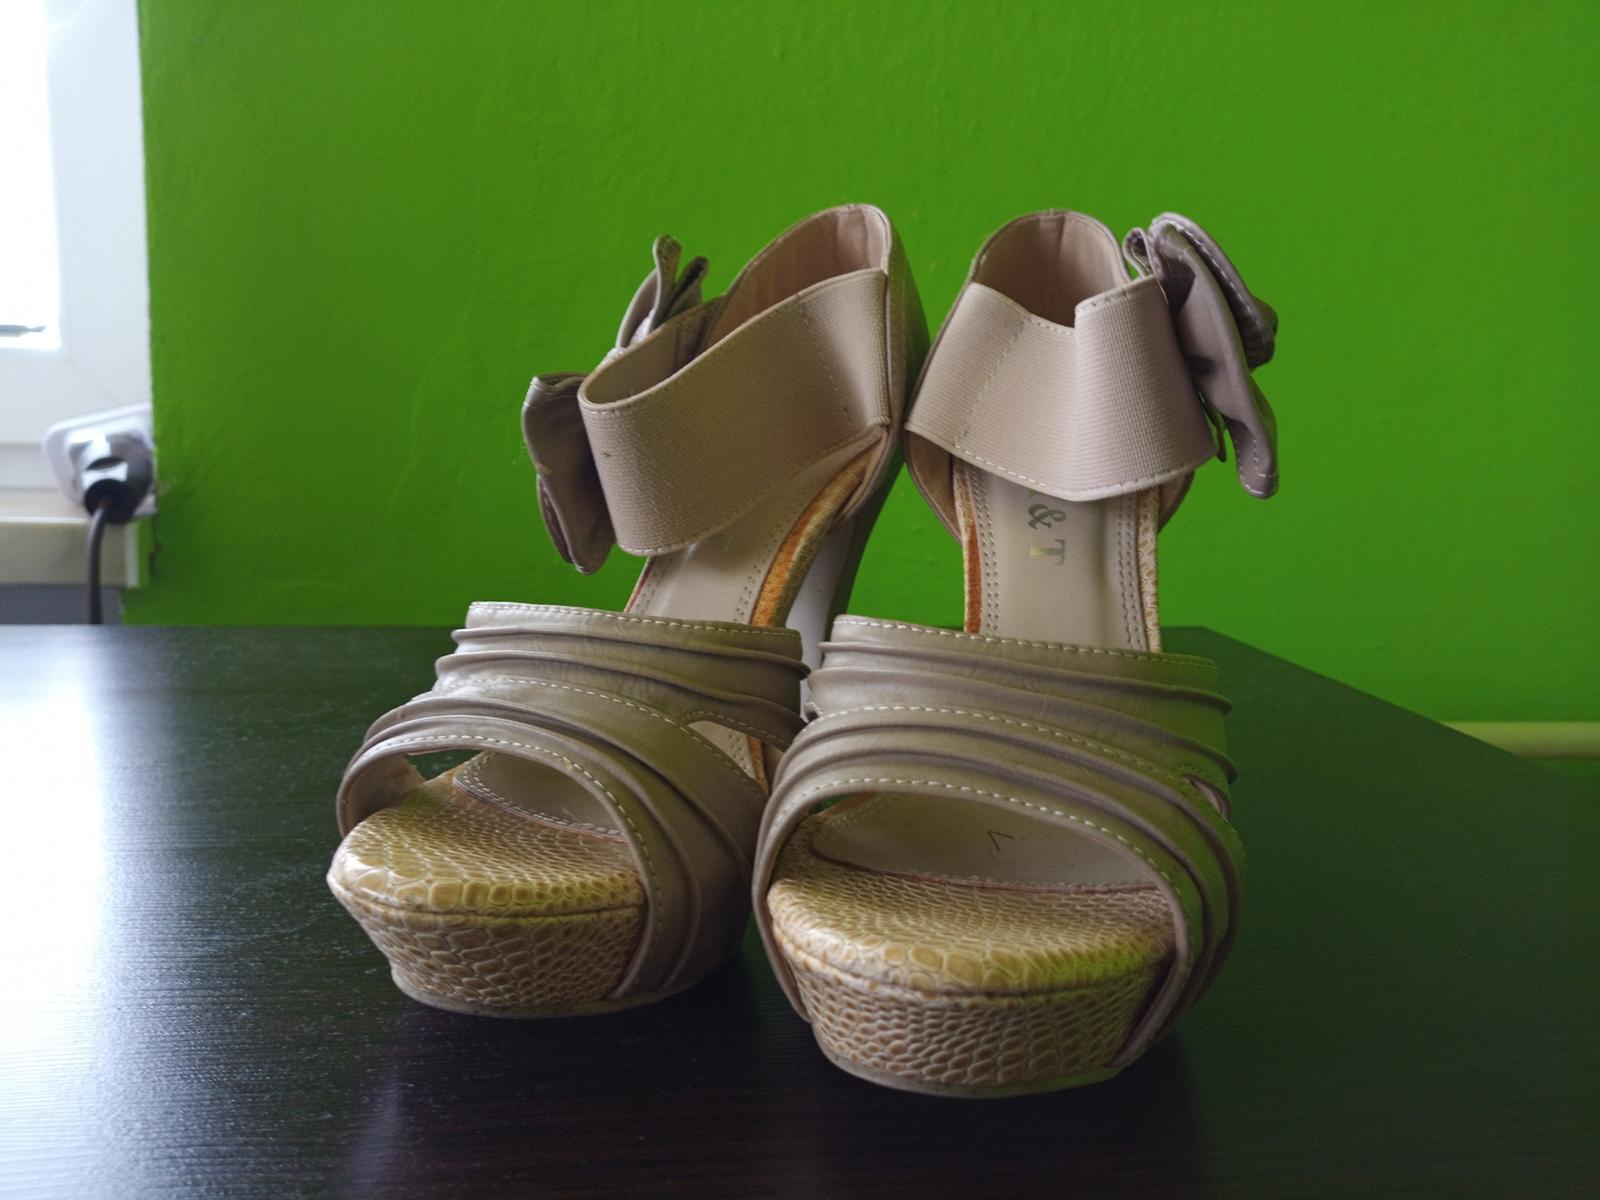 Béžové sandále - Obrázok č. 1